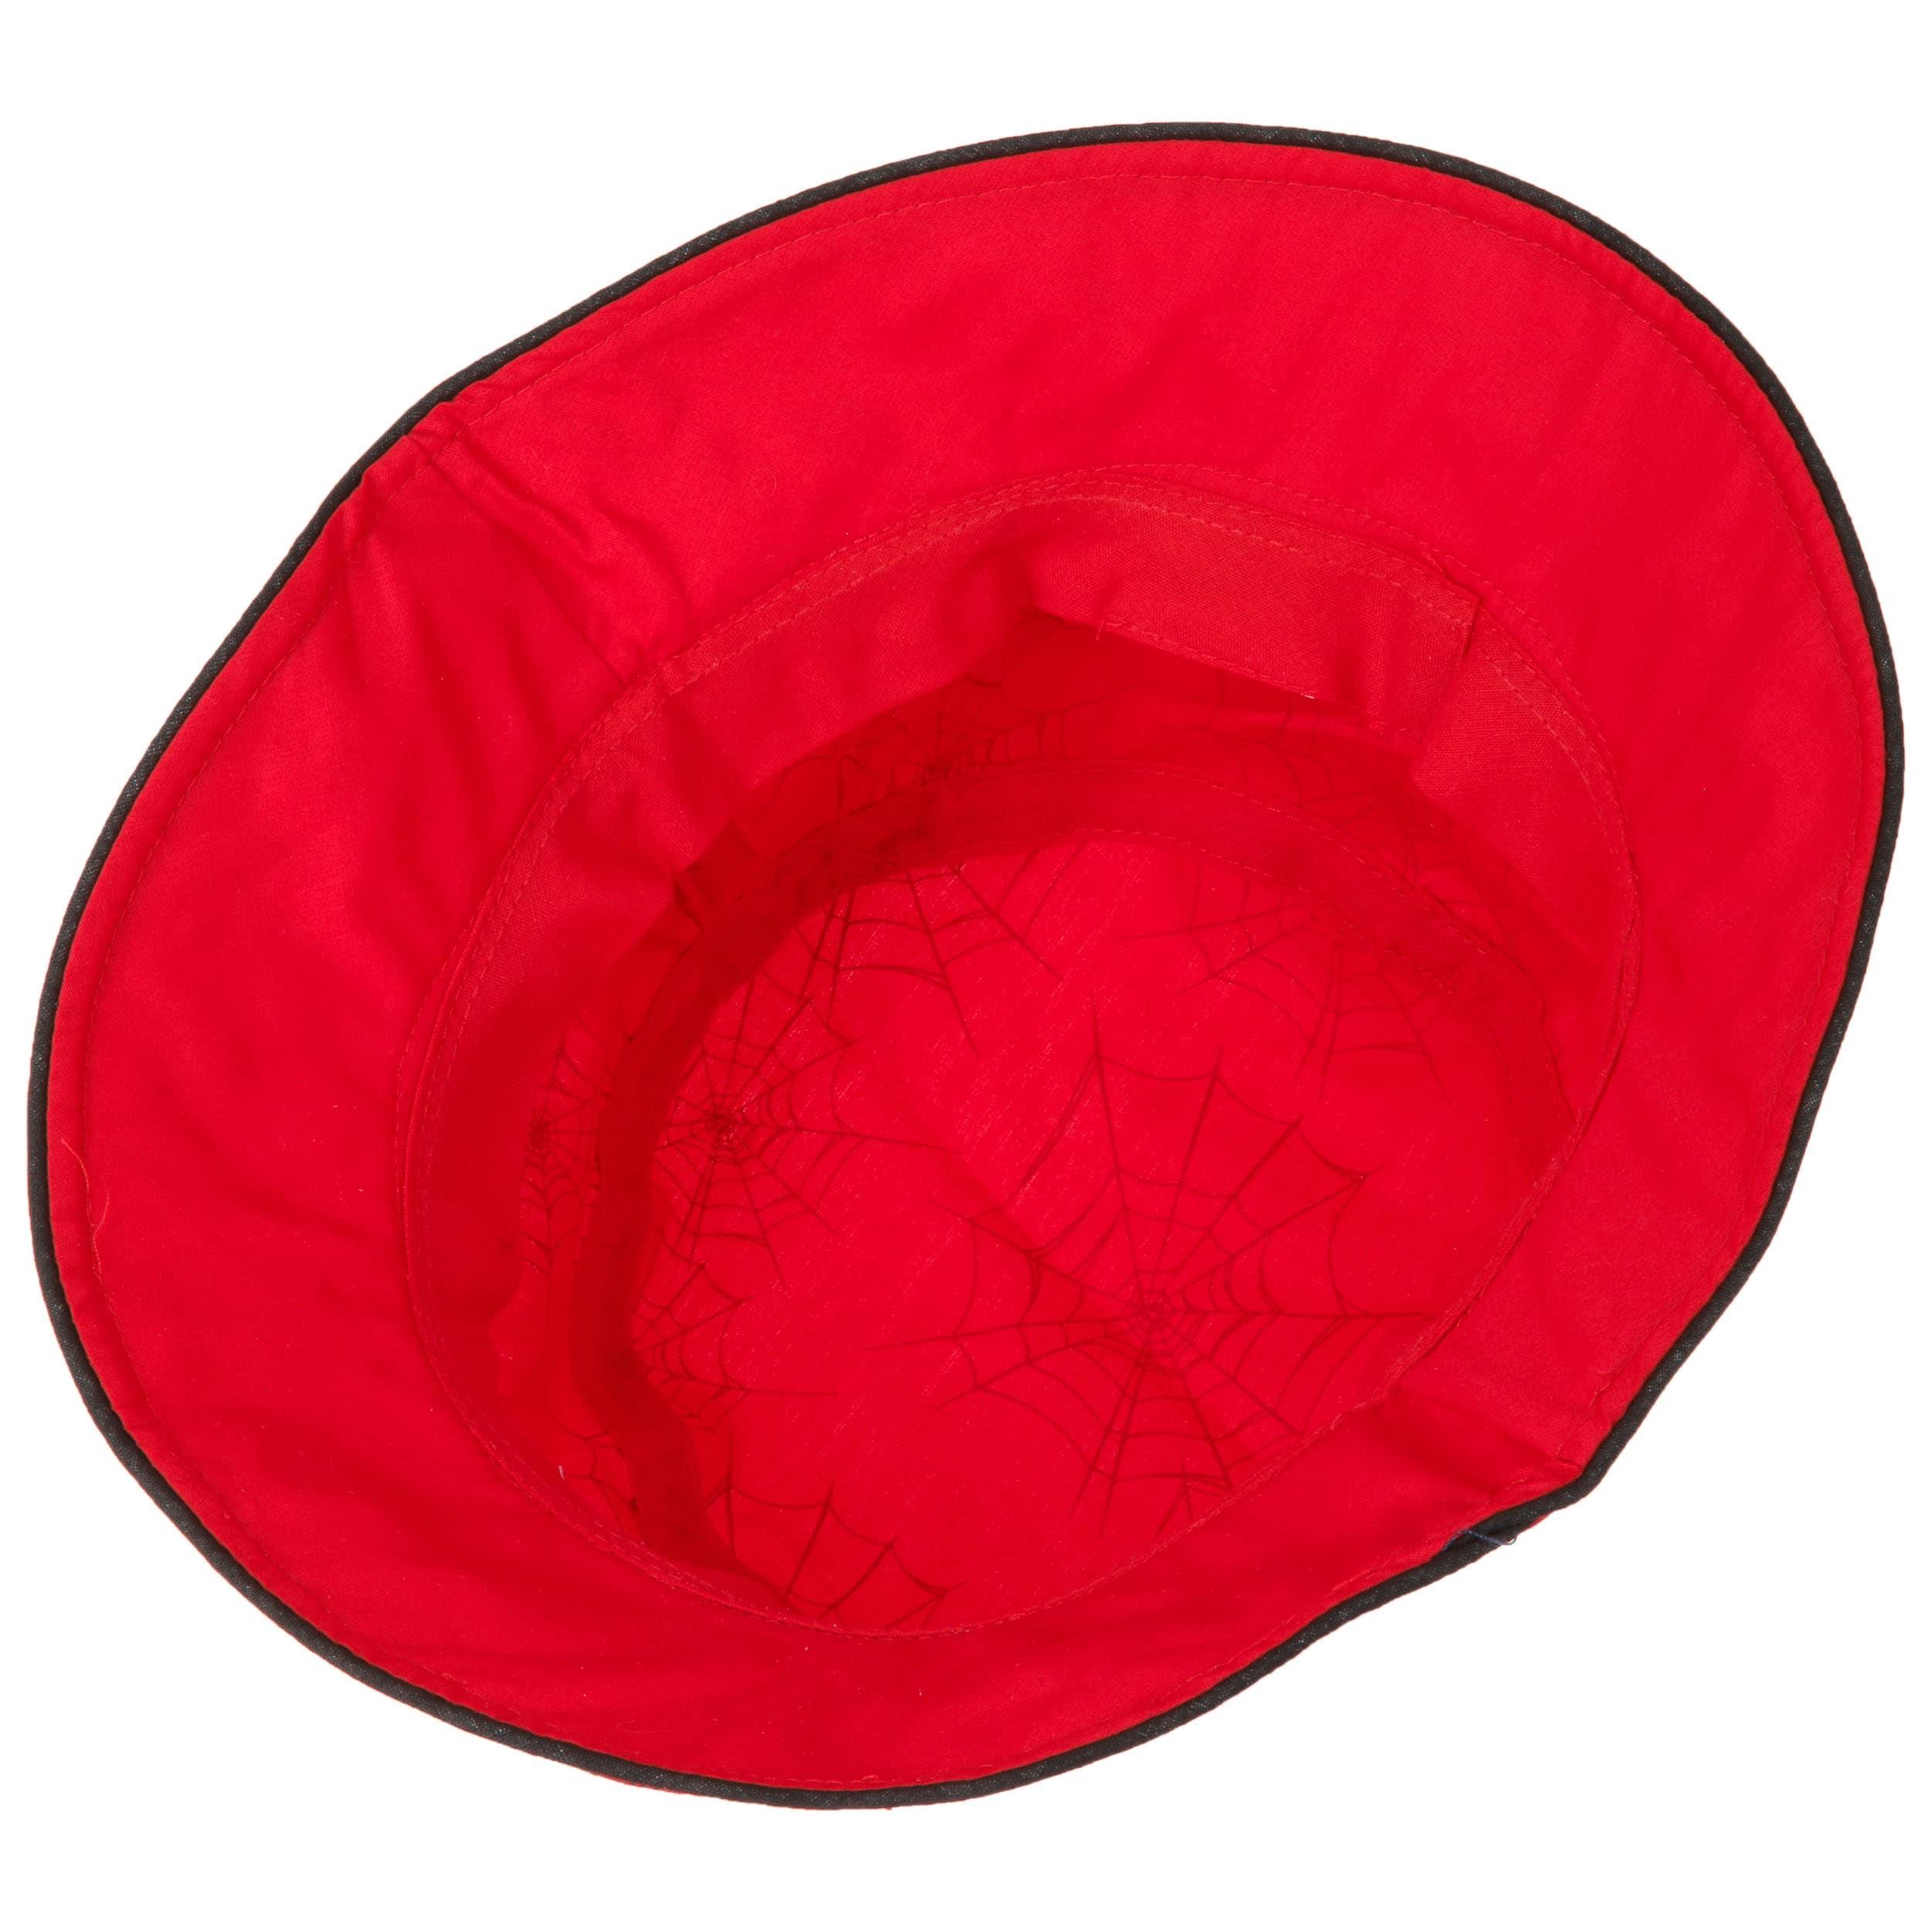 Sombrero de Niño Spiderman Boys - Sombreros - sombreroshop.es 8bc1fe7bd32